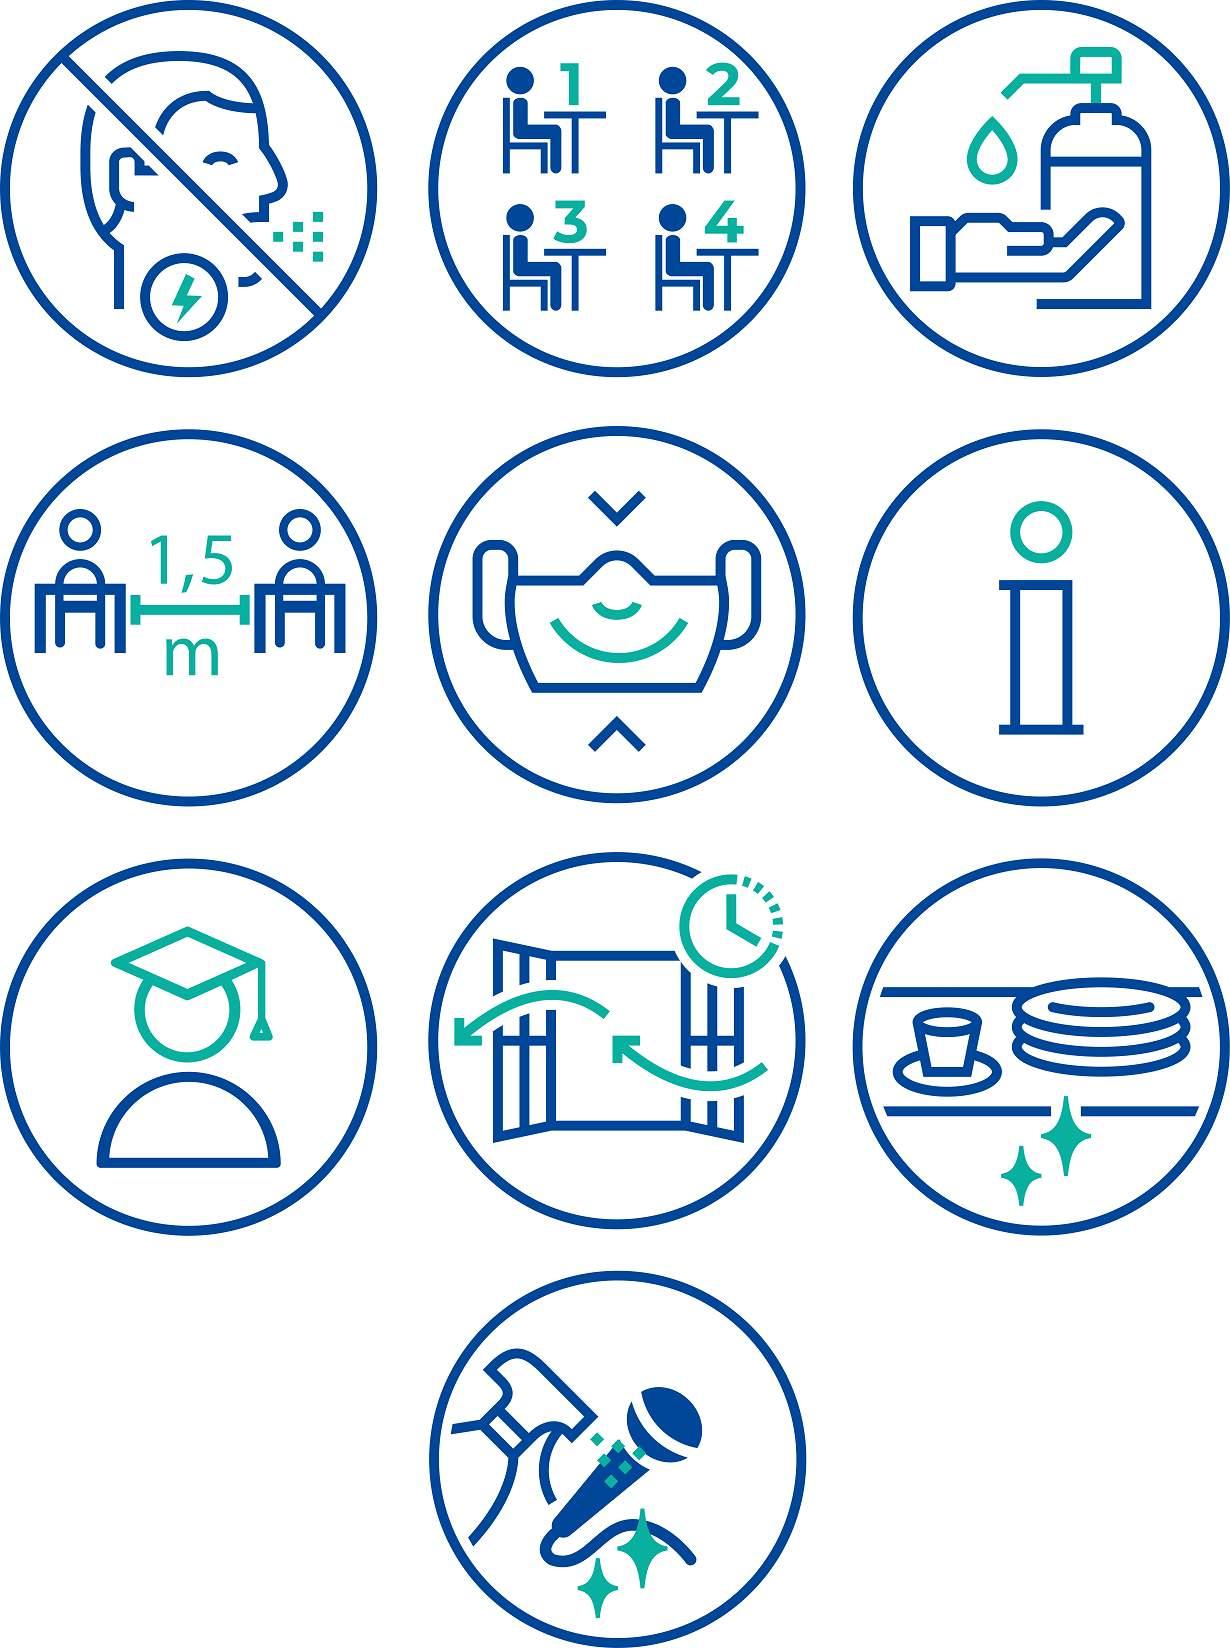 Hygienekonzept für BHKW- und Energie-Veranstaltungen veröffentlicht